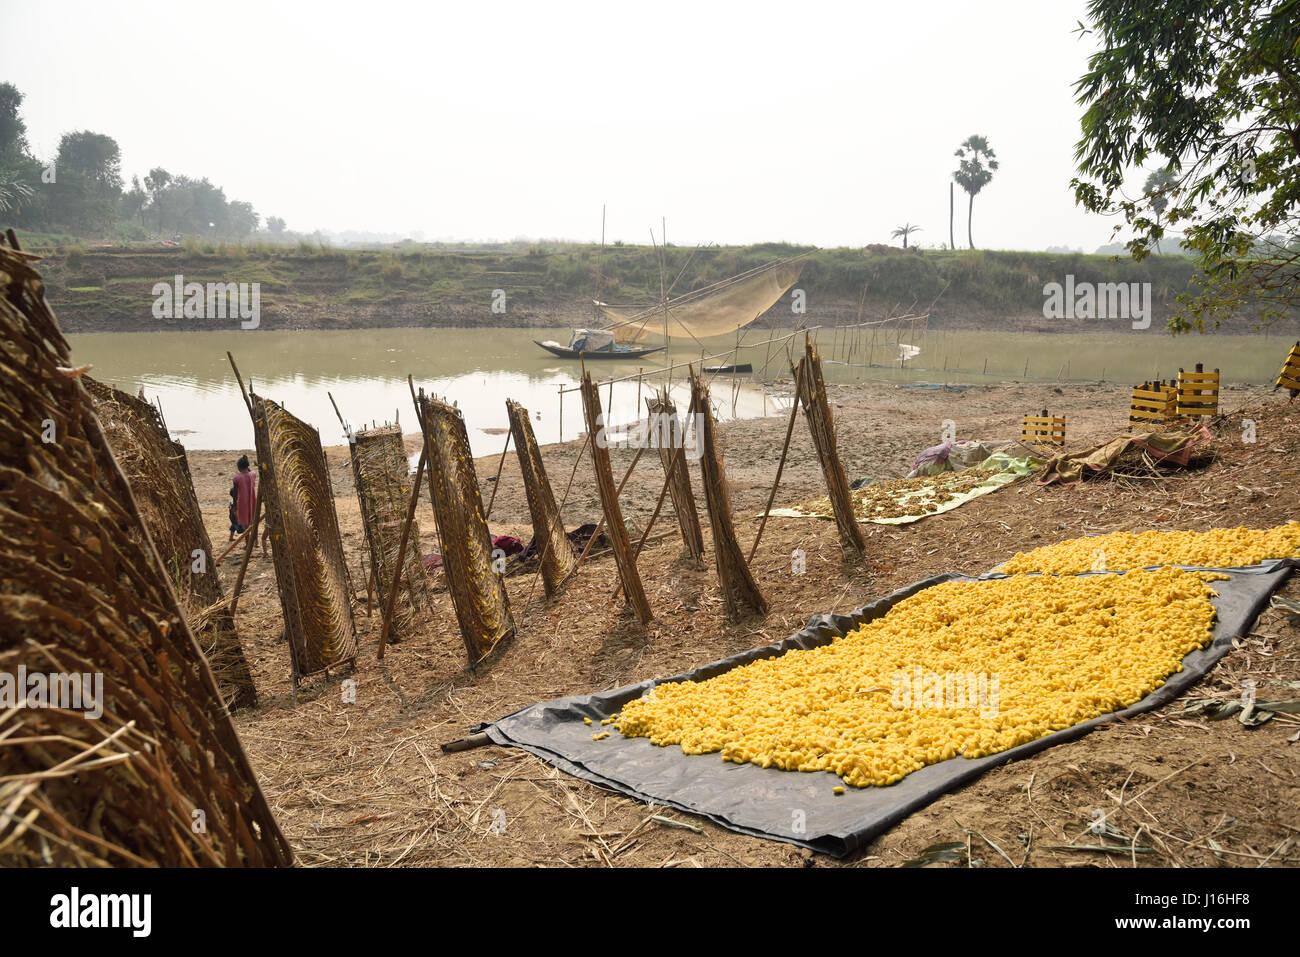 Seidenraupen-Kokons in traditionellen kreisförmigen Bambusrahmen bei der Herstellung von Seide in einem indischen Stockbild